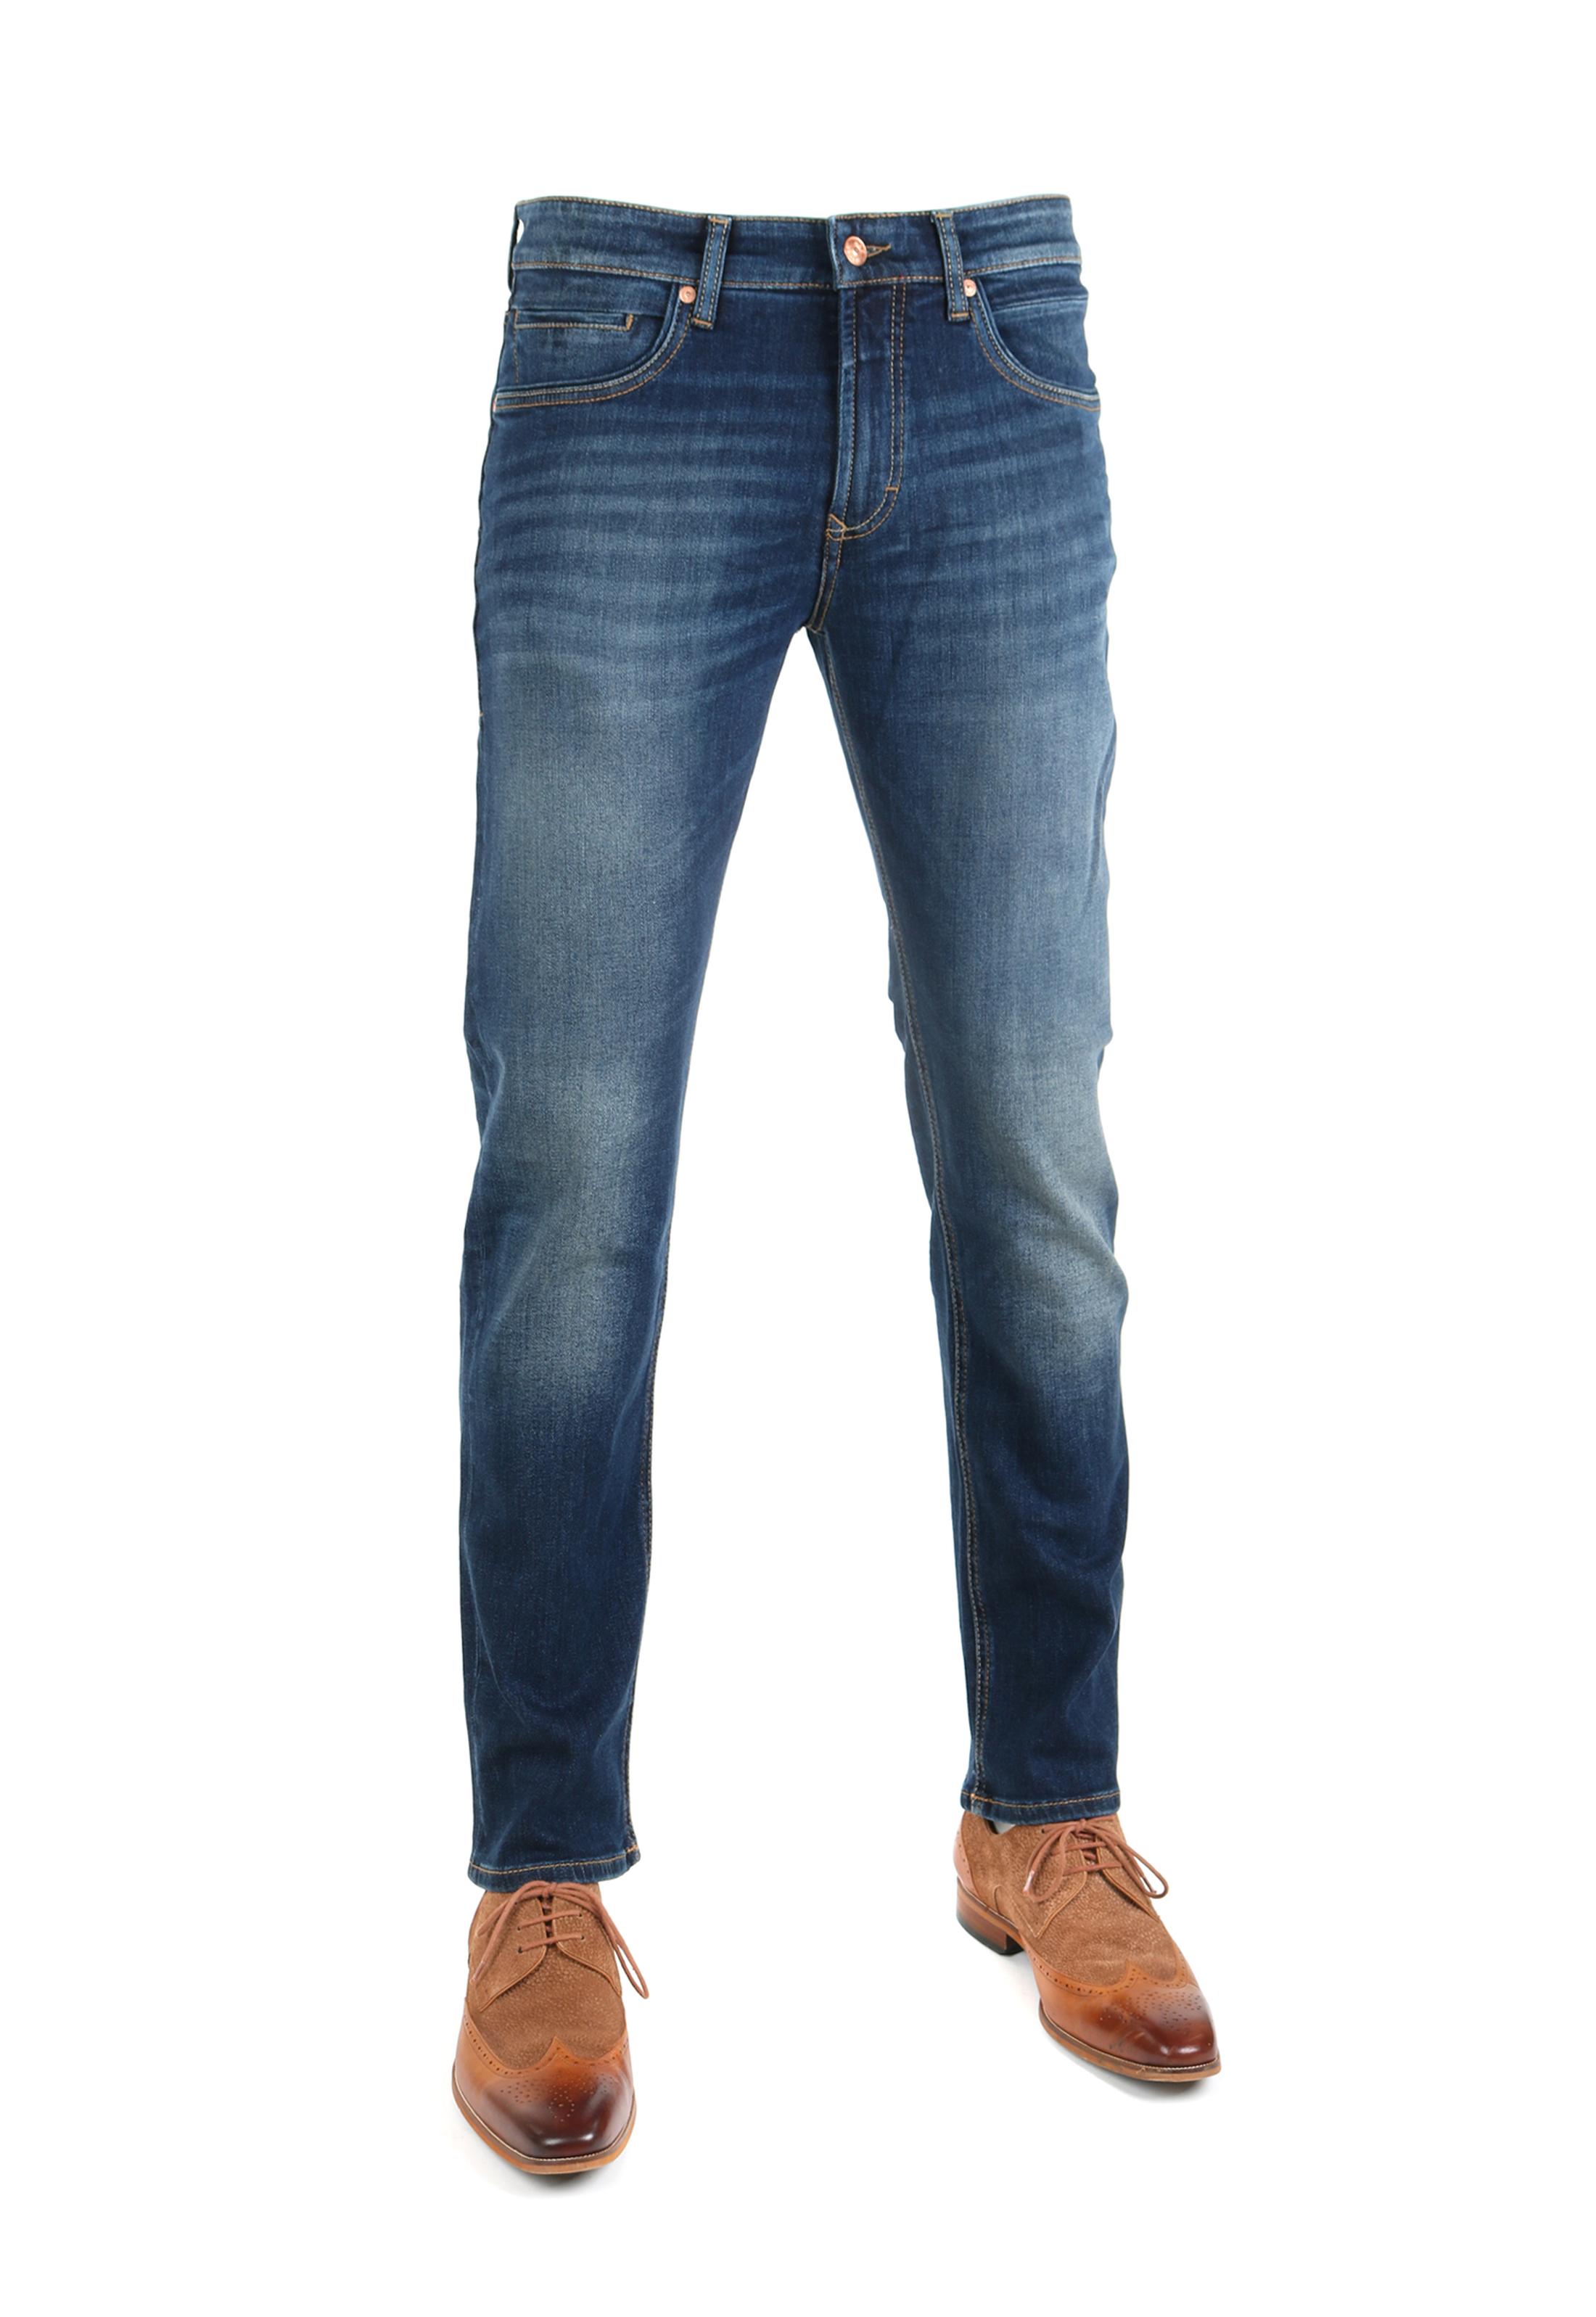 mac jeans arne modern fit h688 0517 00 1973l order online suitable. Black Bedroom Furniture Sets. Home Design Ideas